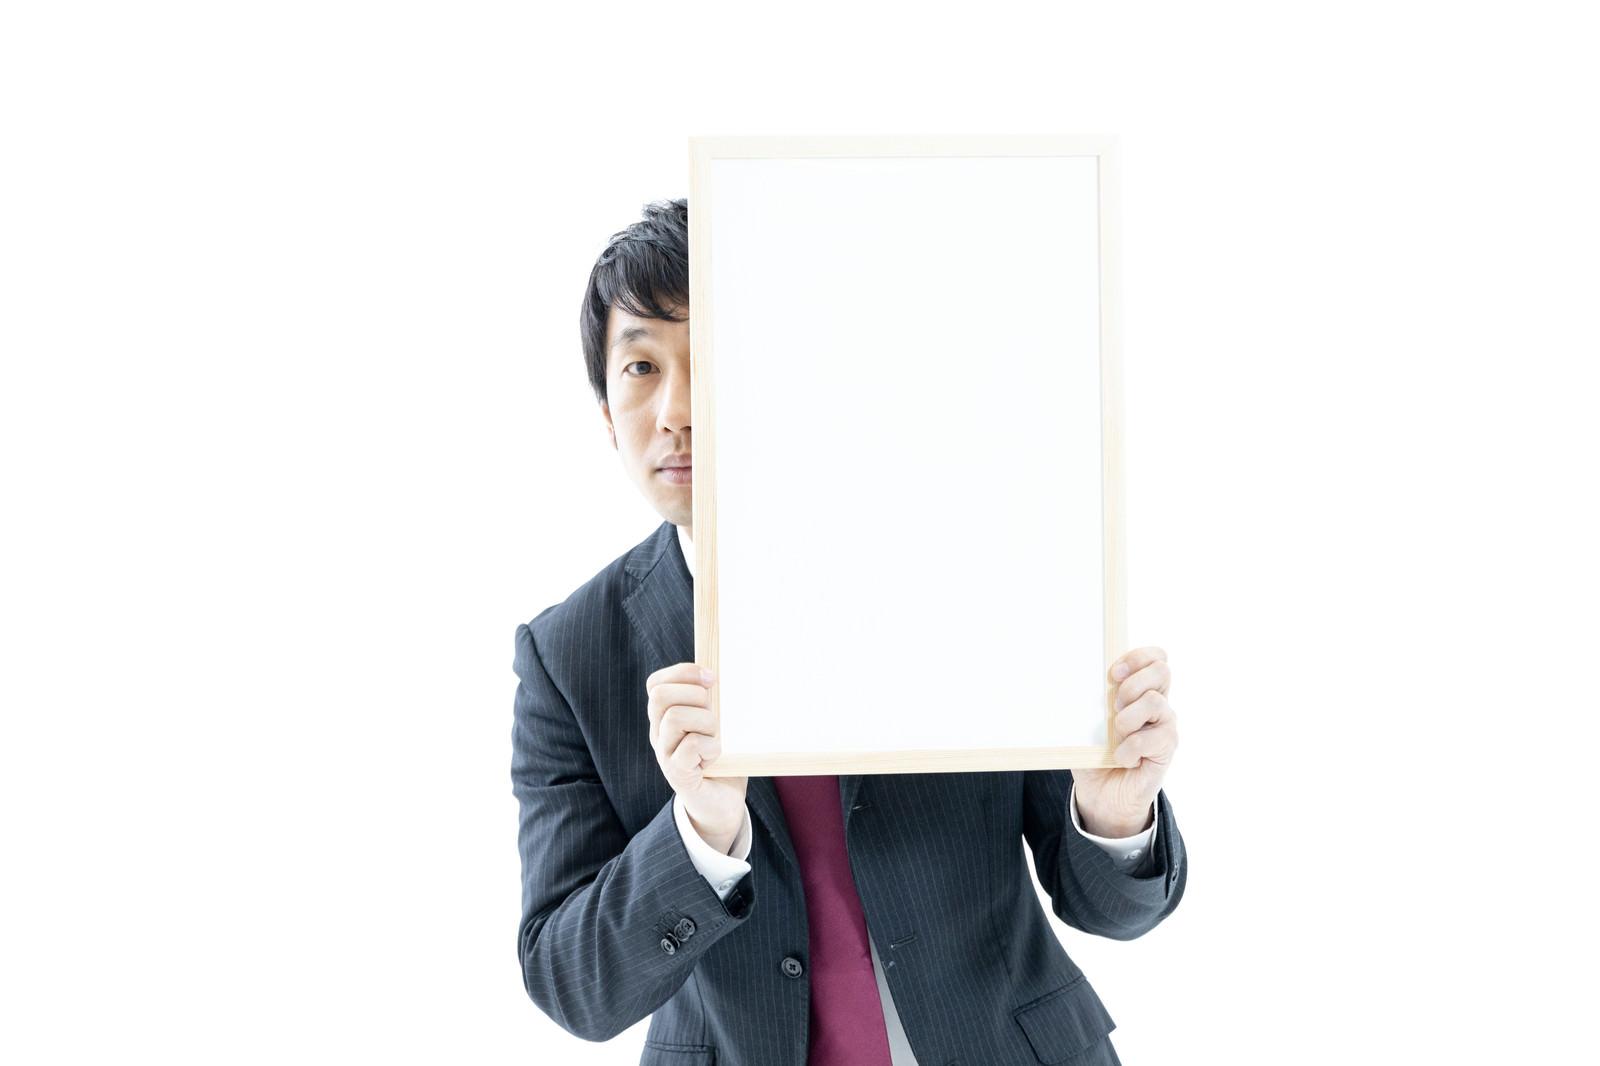 「ホワイトボードからひょっこりする男性」の写真[モデル:大川竜弥]